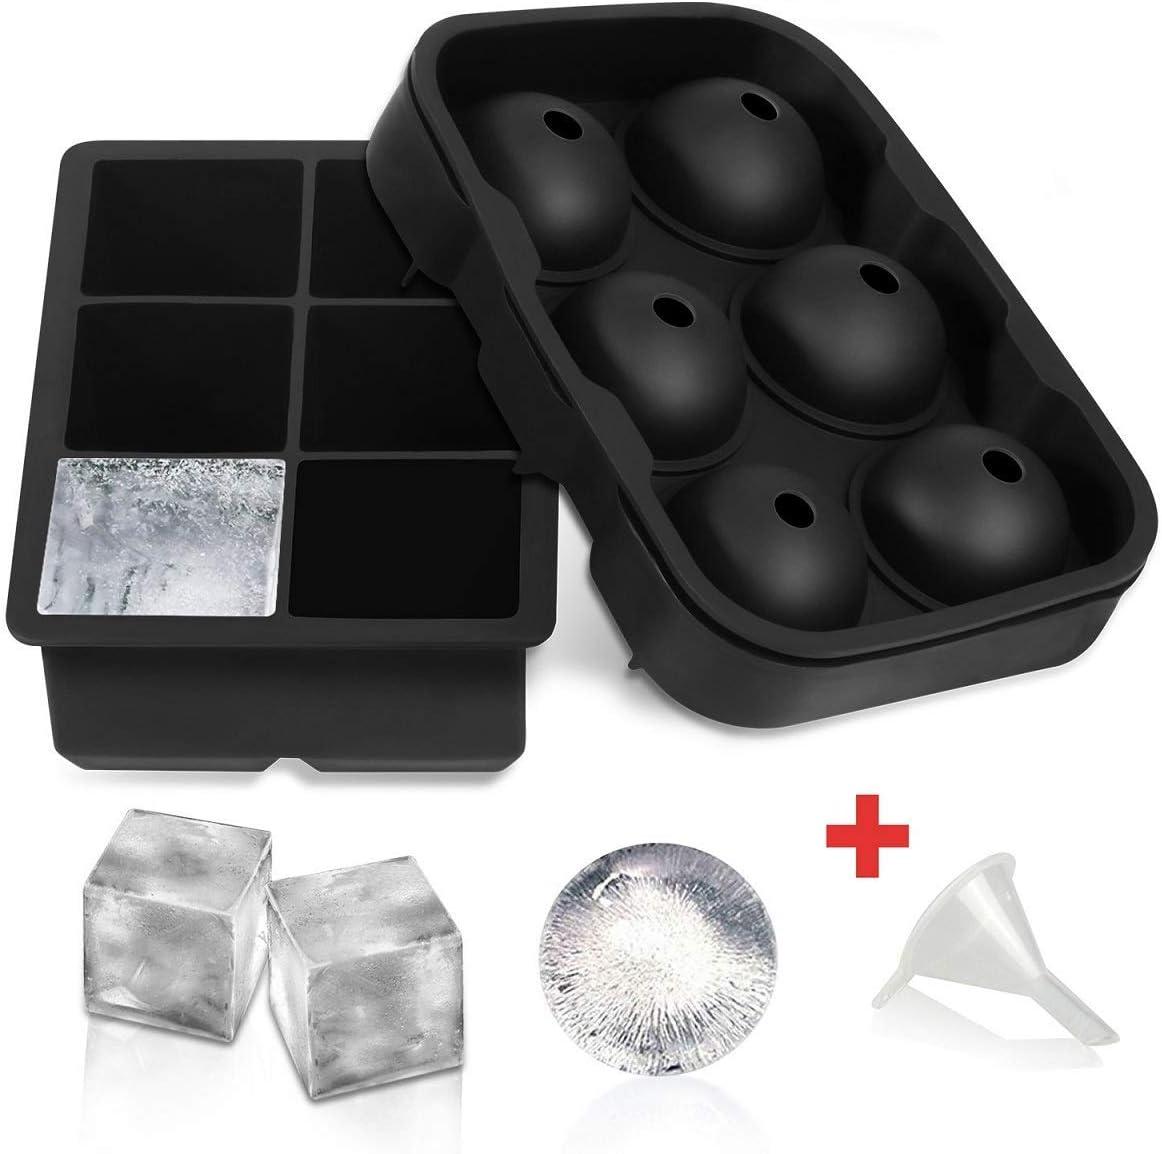 Juego de 2 bandejas para cubitos de hielo, silicona flexible SLGOL con 6 moldes cuadrados grandes de cubitos de hielo para cóctel de whisky o comida para bebé, reutilizables y sin BPA